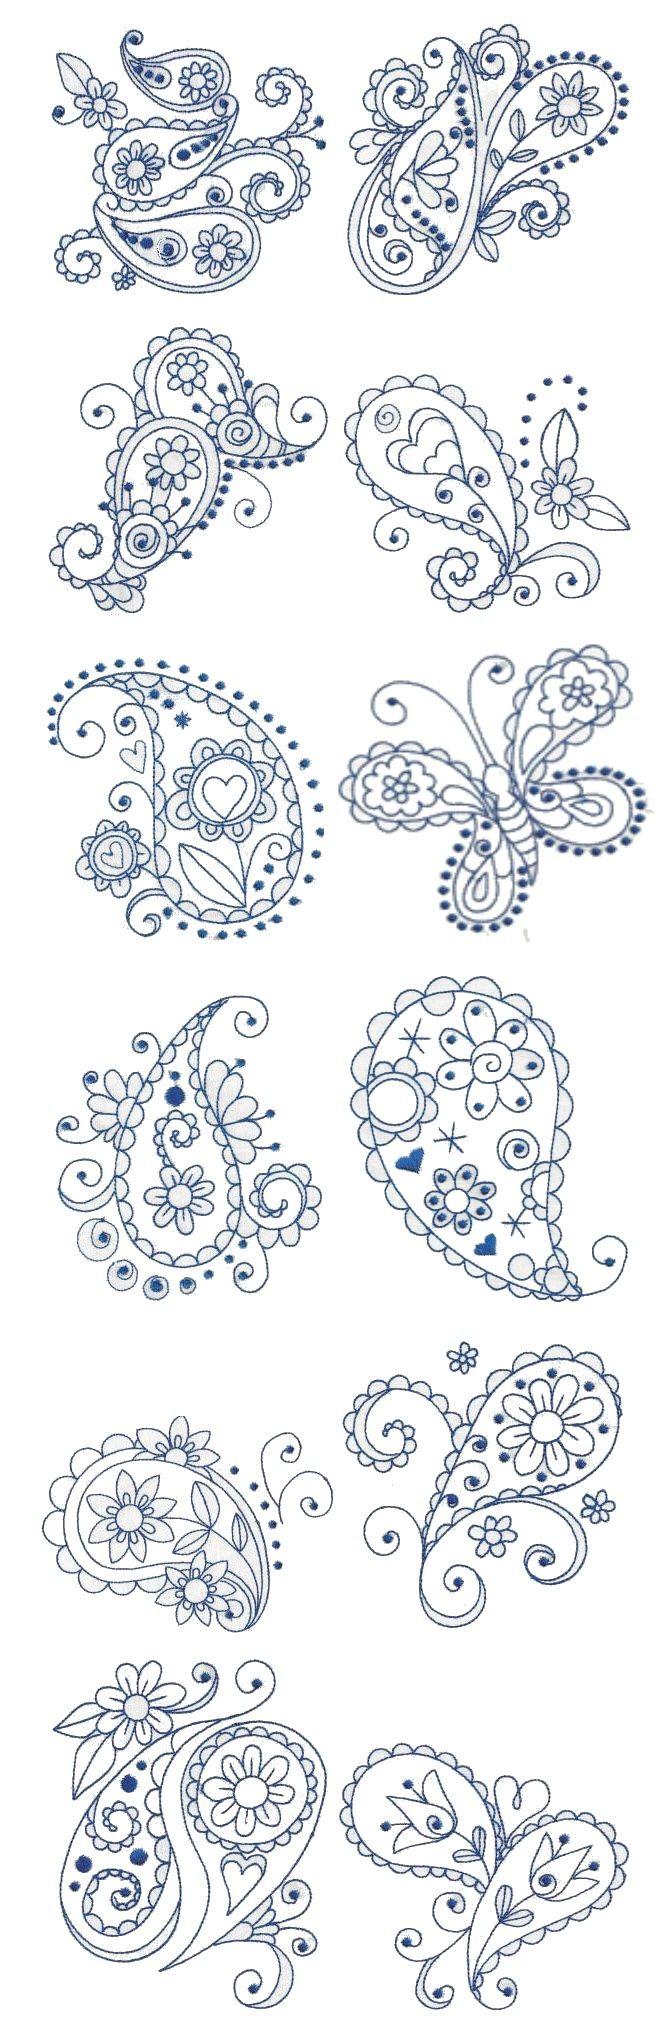 40 Coole Fuss Tattoo Vorlagen Stickereimuster Handstickerei Ideen Stickmuster